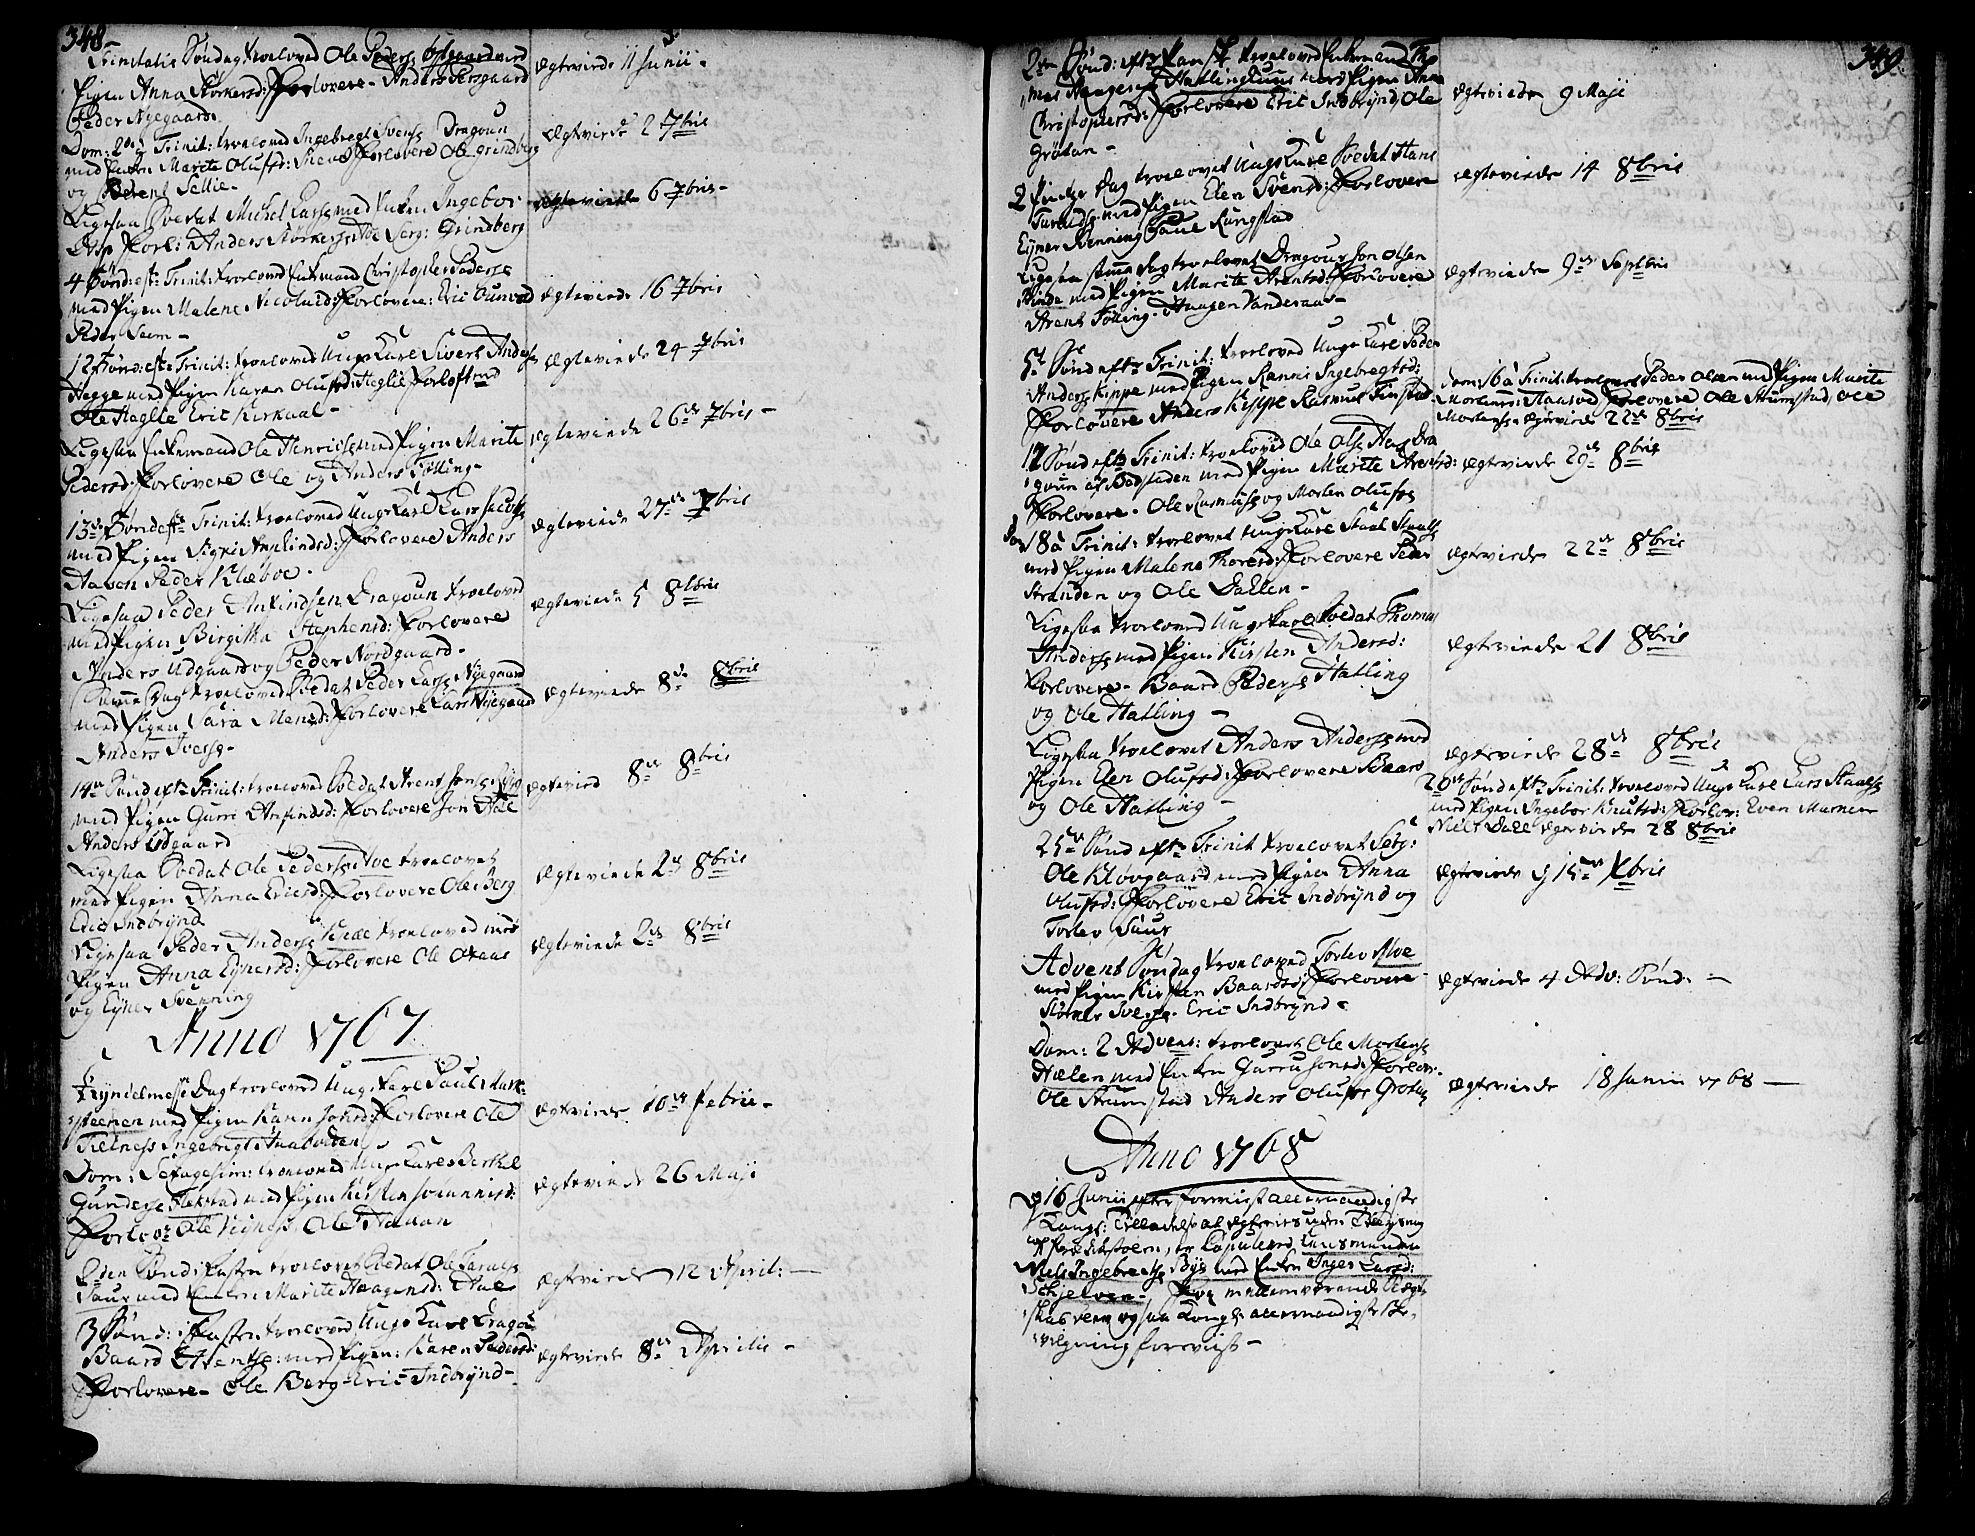 SAT, Ministerialprotokoller, klokkerbøker og fødselsregistre - Nord-Trøndelag, 746/L0440: Ministerialbok nr. 746A02, 1760-1815, s. 348-349